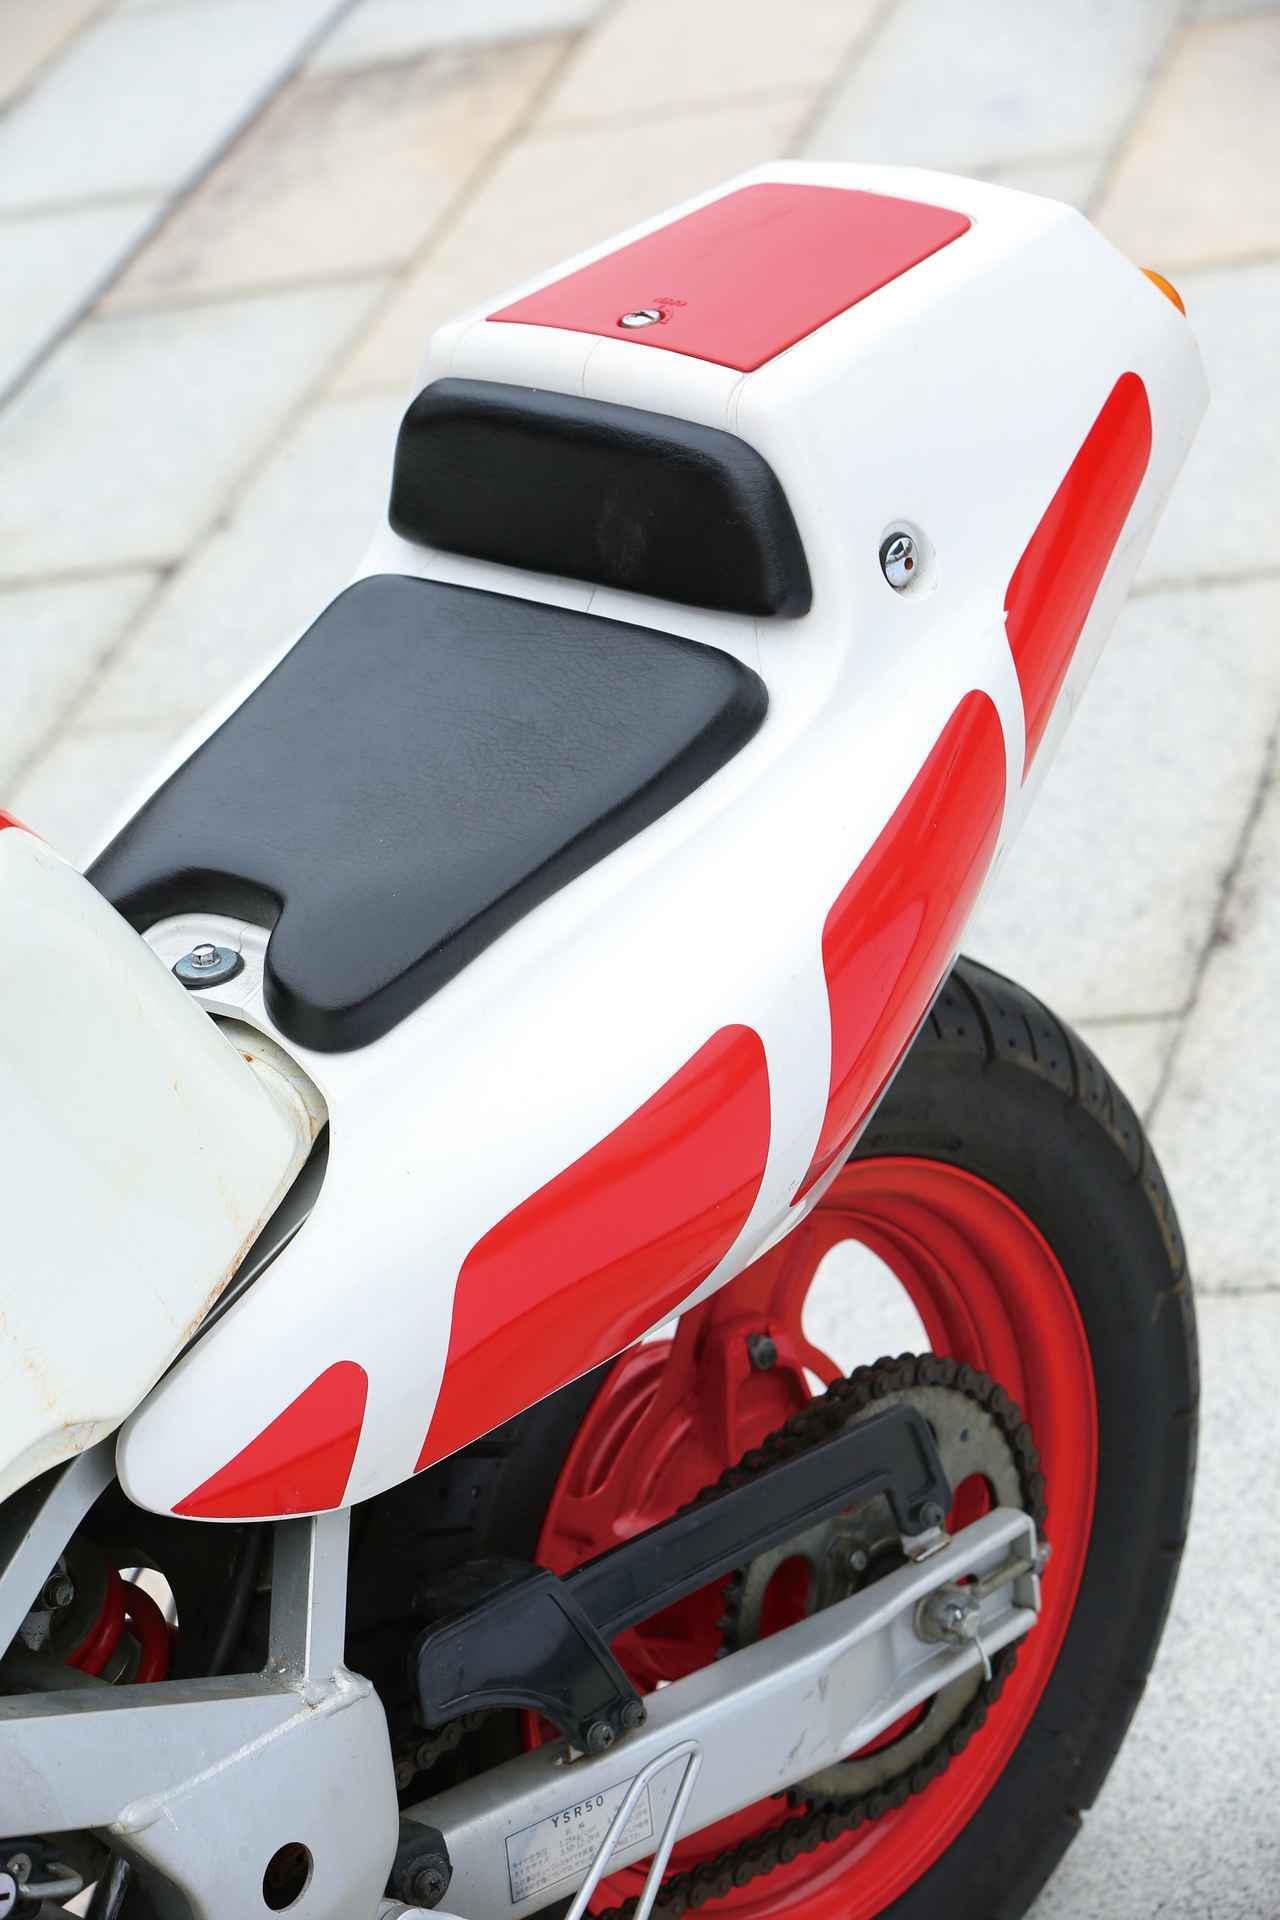 画像: 有機的でグラマラスなボディラインが美しいシングルシートカウル。後方上部のフタの中は小物入れになっている。兄貴のYSR80と違い50では泥除けが装備されていないのが特徴だ。